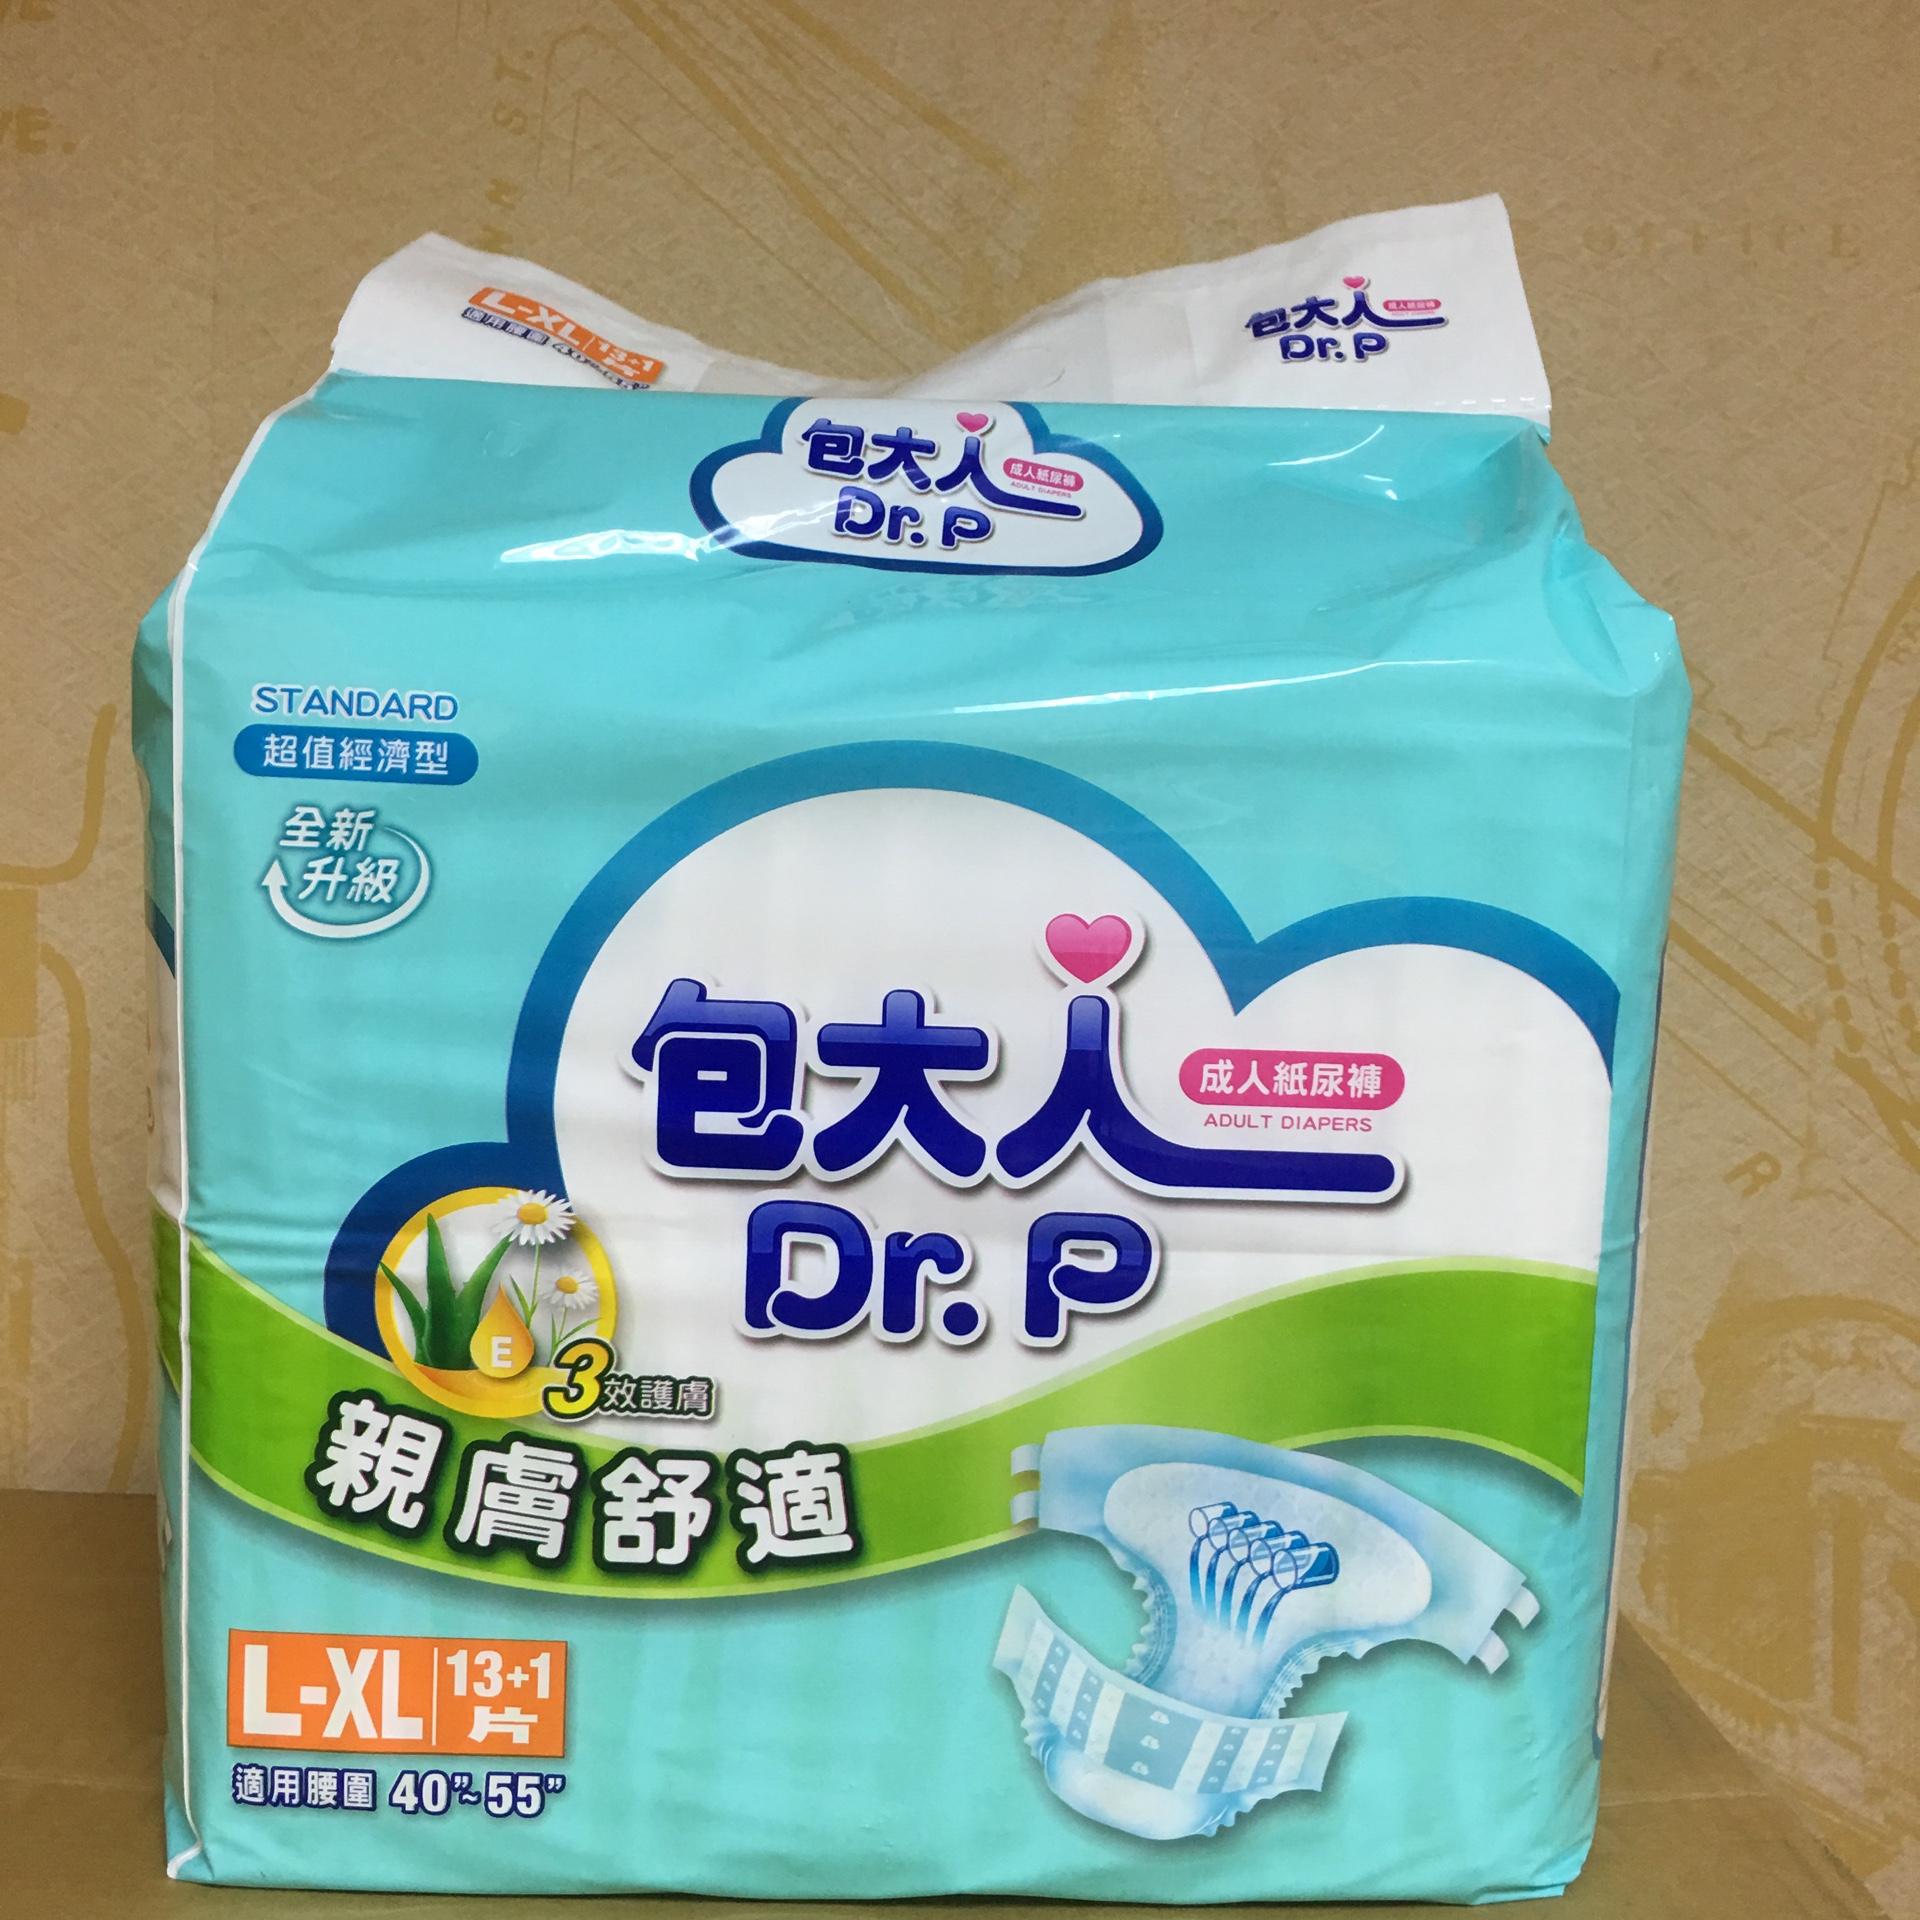 包大人成人紙尿褲親膚舒適型(超值經濟型)L~XL號 一箱6包/13+1片入(抗菌除臭.快速O型導流.3效護膚表層.隨意再貼區.尿濕顯示)可搭安安.安親.添寧.來復易紙尿片.看護墊.濕巾/看護墊使用